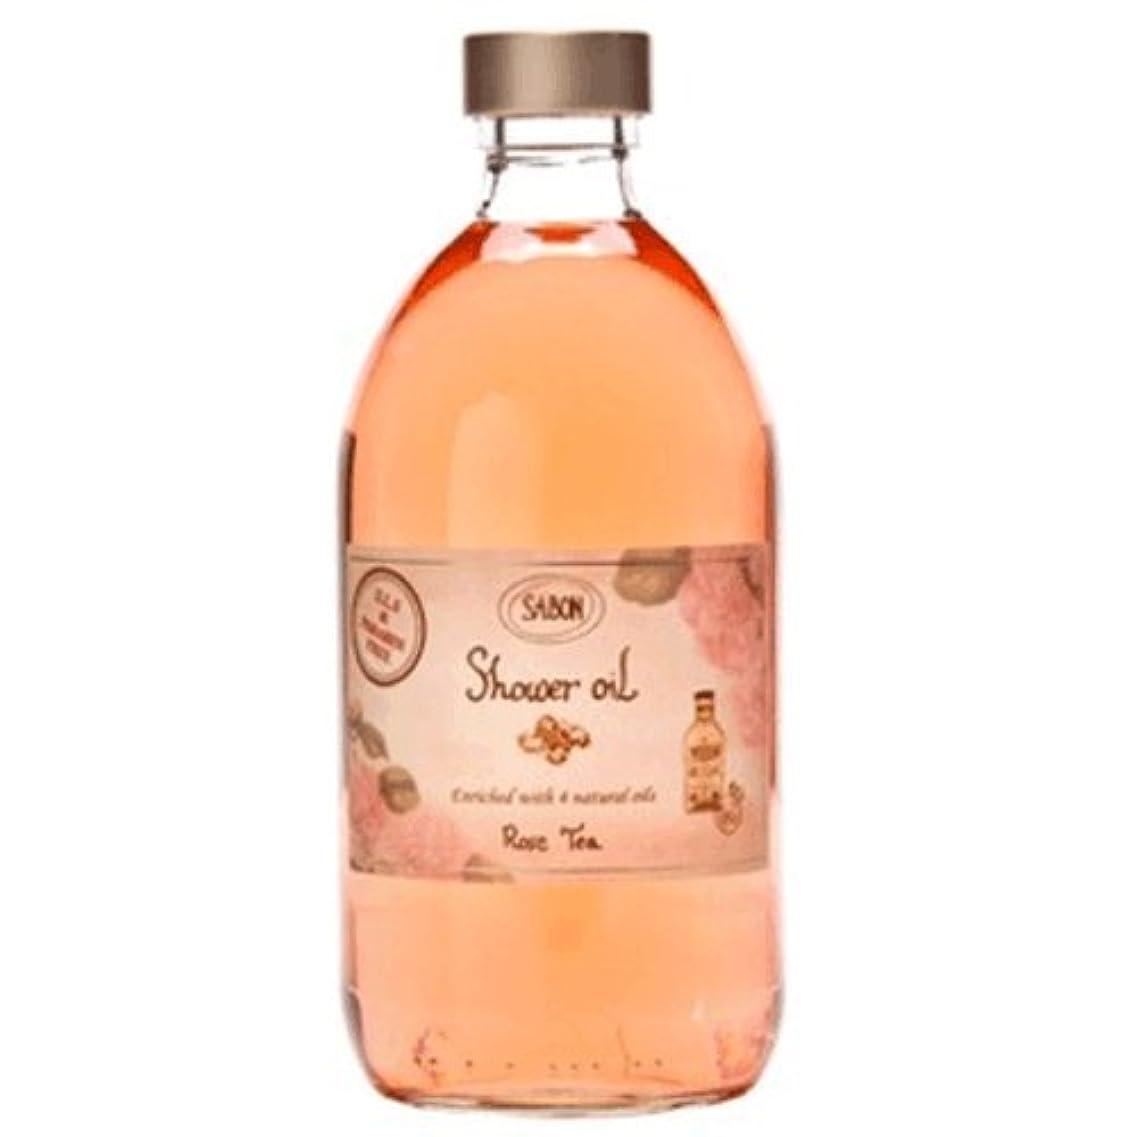 ユーザー集中ゼリー【サボン】シャワーオイル ローズティー(Rose Tea) ポンプ付き 500ml